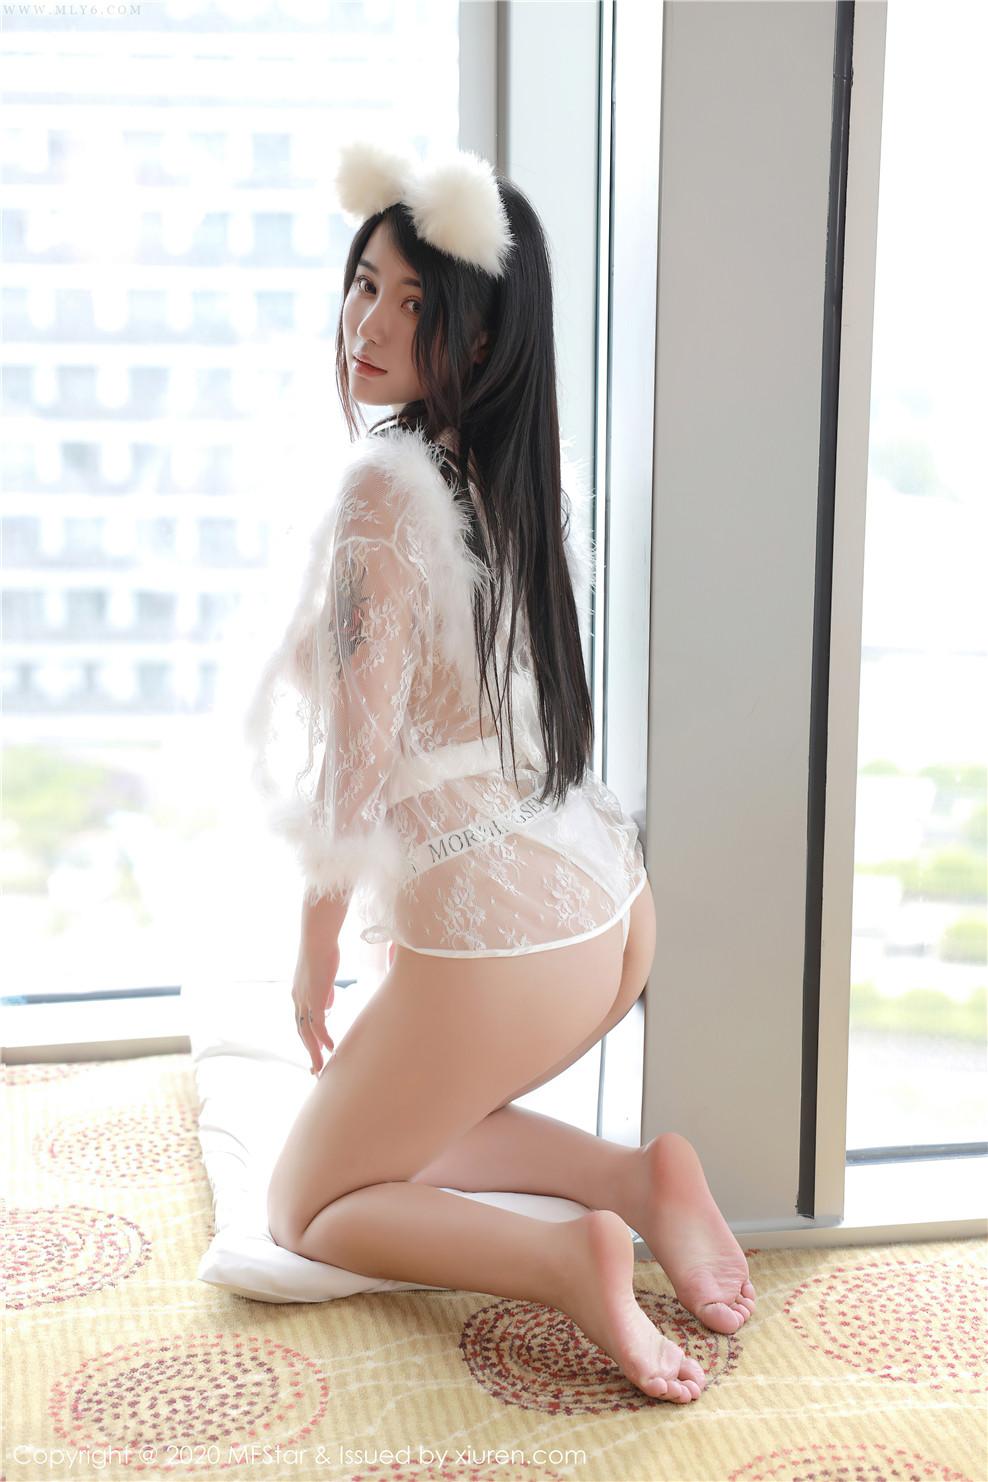 美七Mia NO.031 2020.07.23 Vol.353  [46P-427MB]